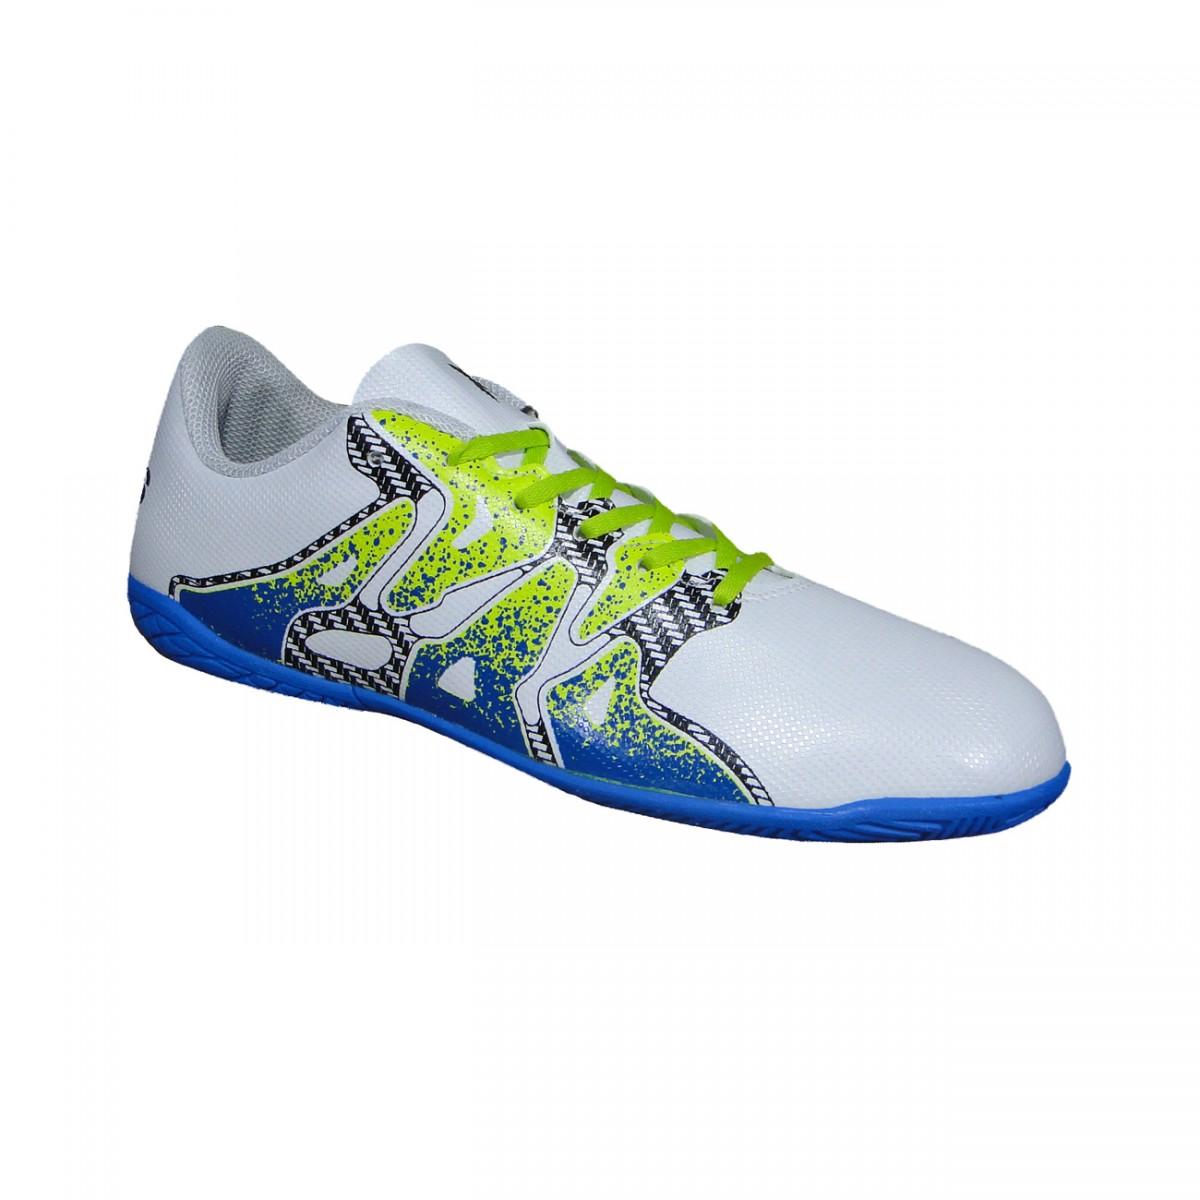 c516016e98 Tenis Adidas X 15.4 Infantil S74606 - Branco Limão Azul - Chuteira Nike